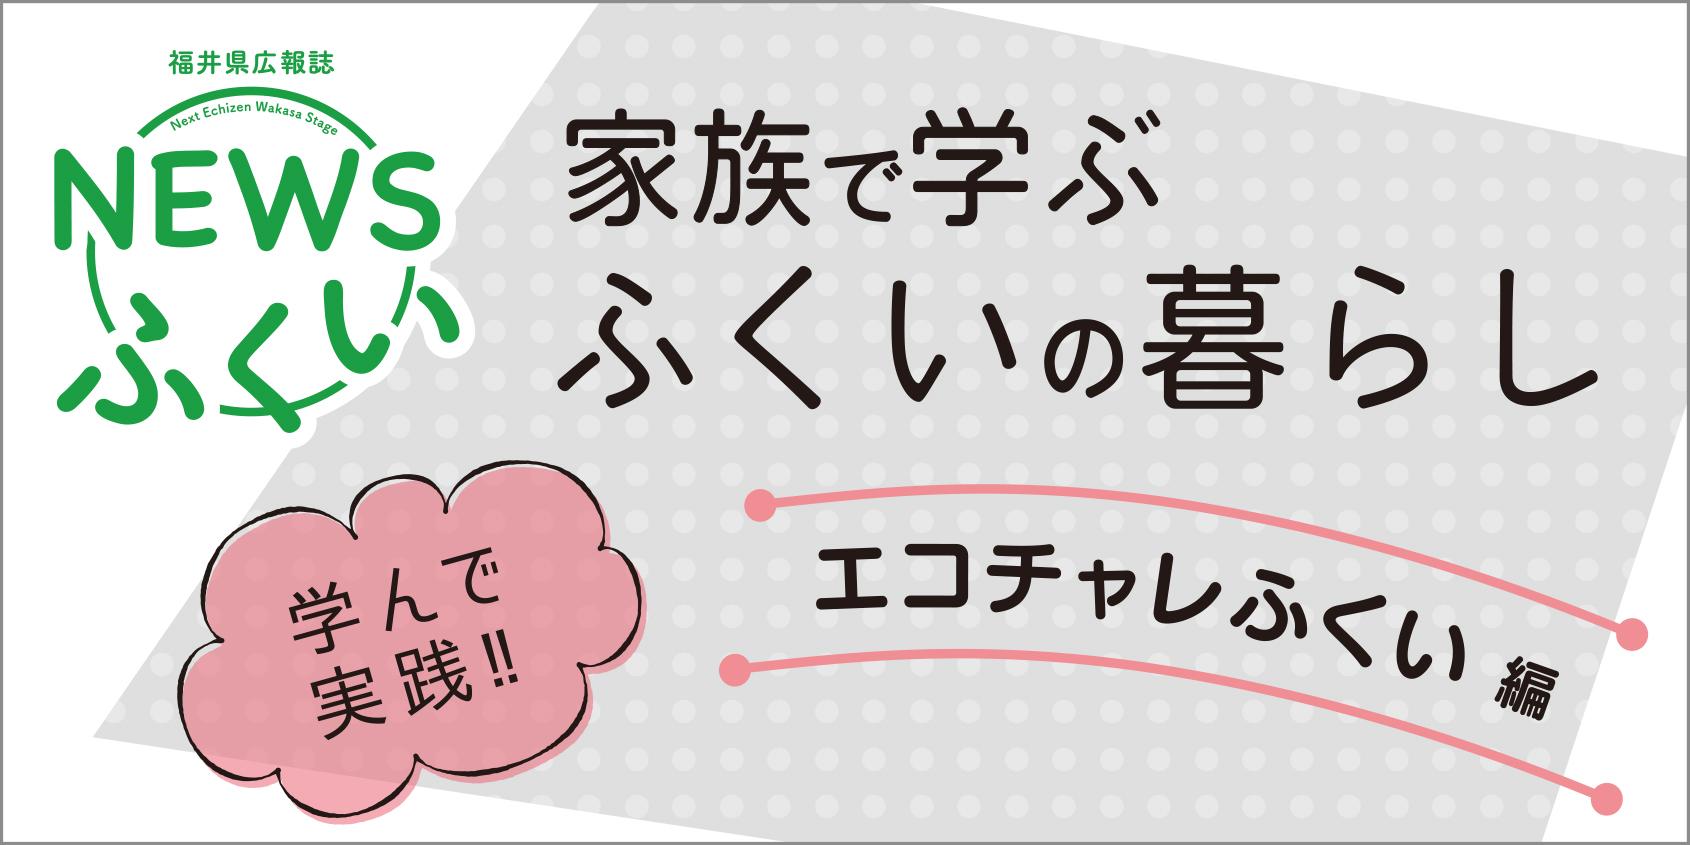 福井県の広報誌「NEWSふくい」! 新コーナー「家族で学ぶ ふくいの暮らし」を読んでエコチャレしてみよう♪